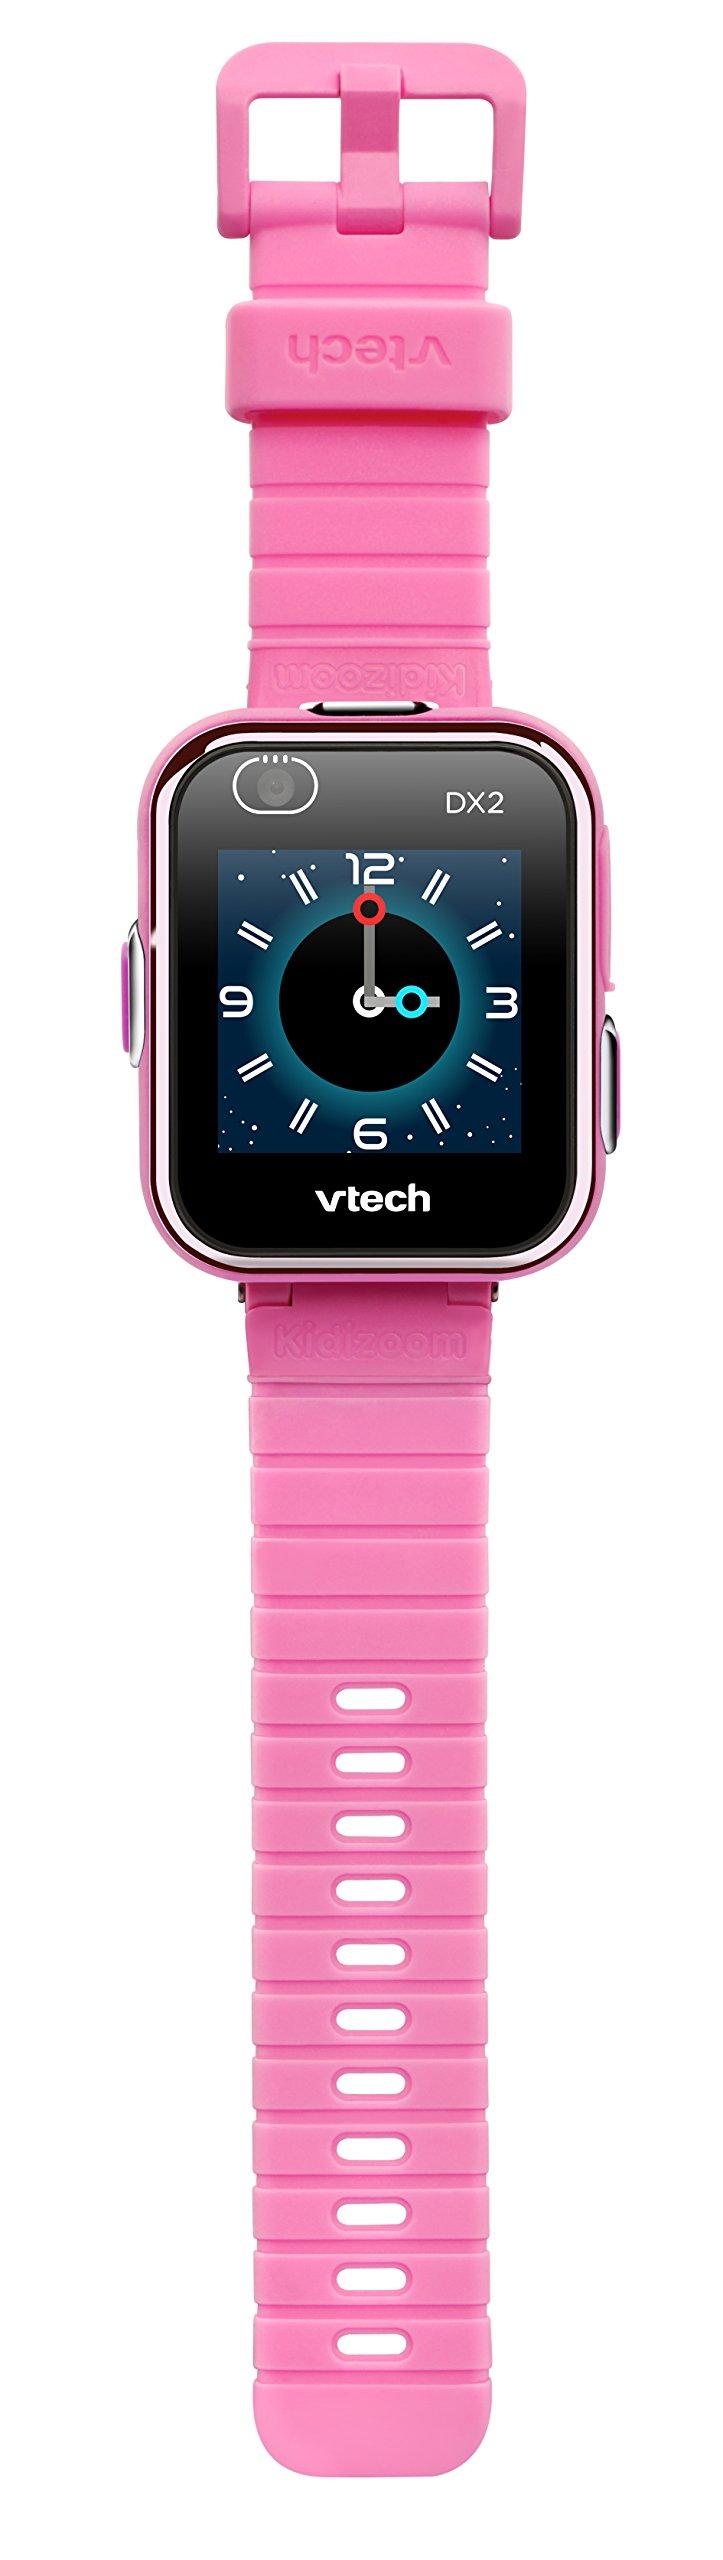 VTech Kidizoom Smart Watch DX2 3